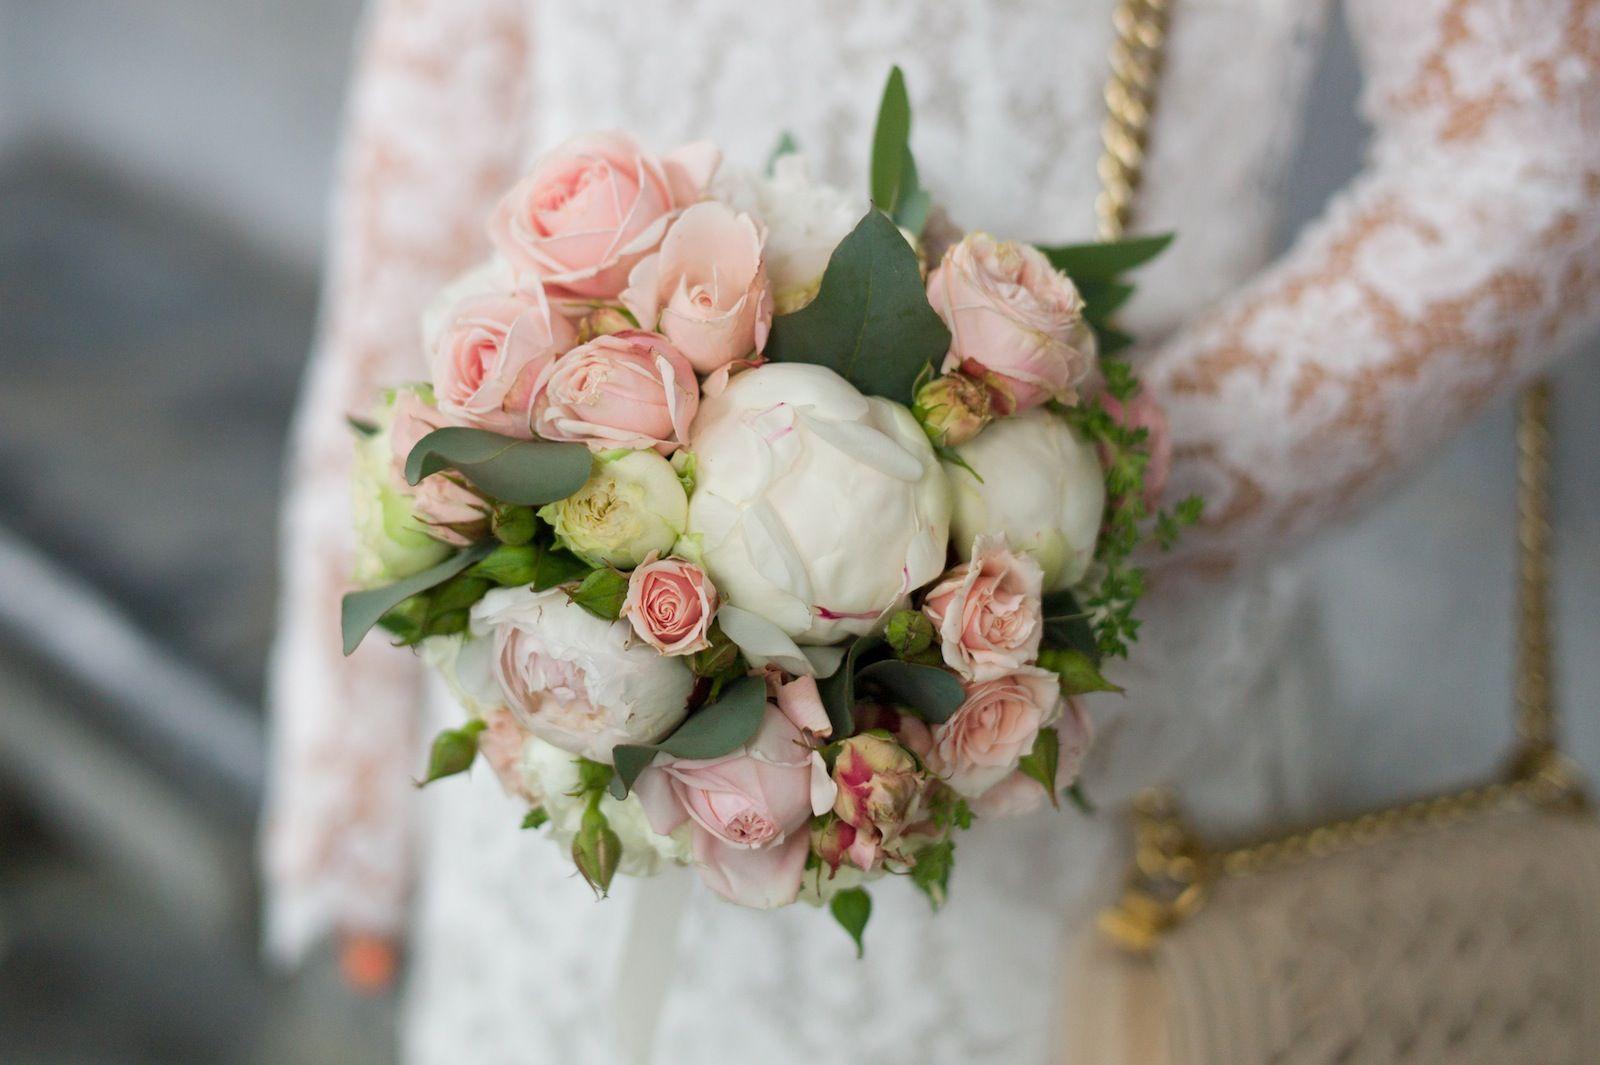 Hochzeitstagebuch: Standesamt - Journelles